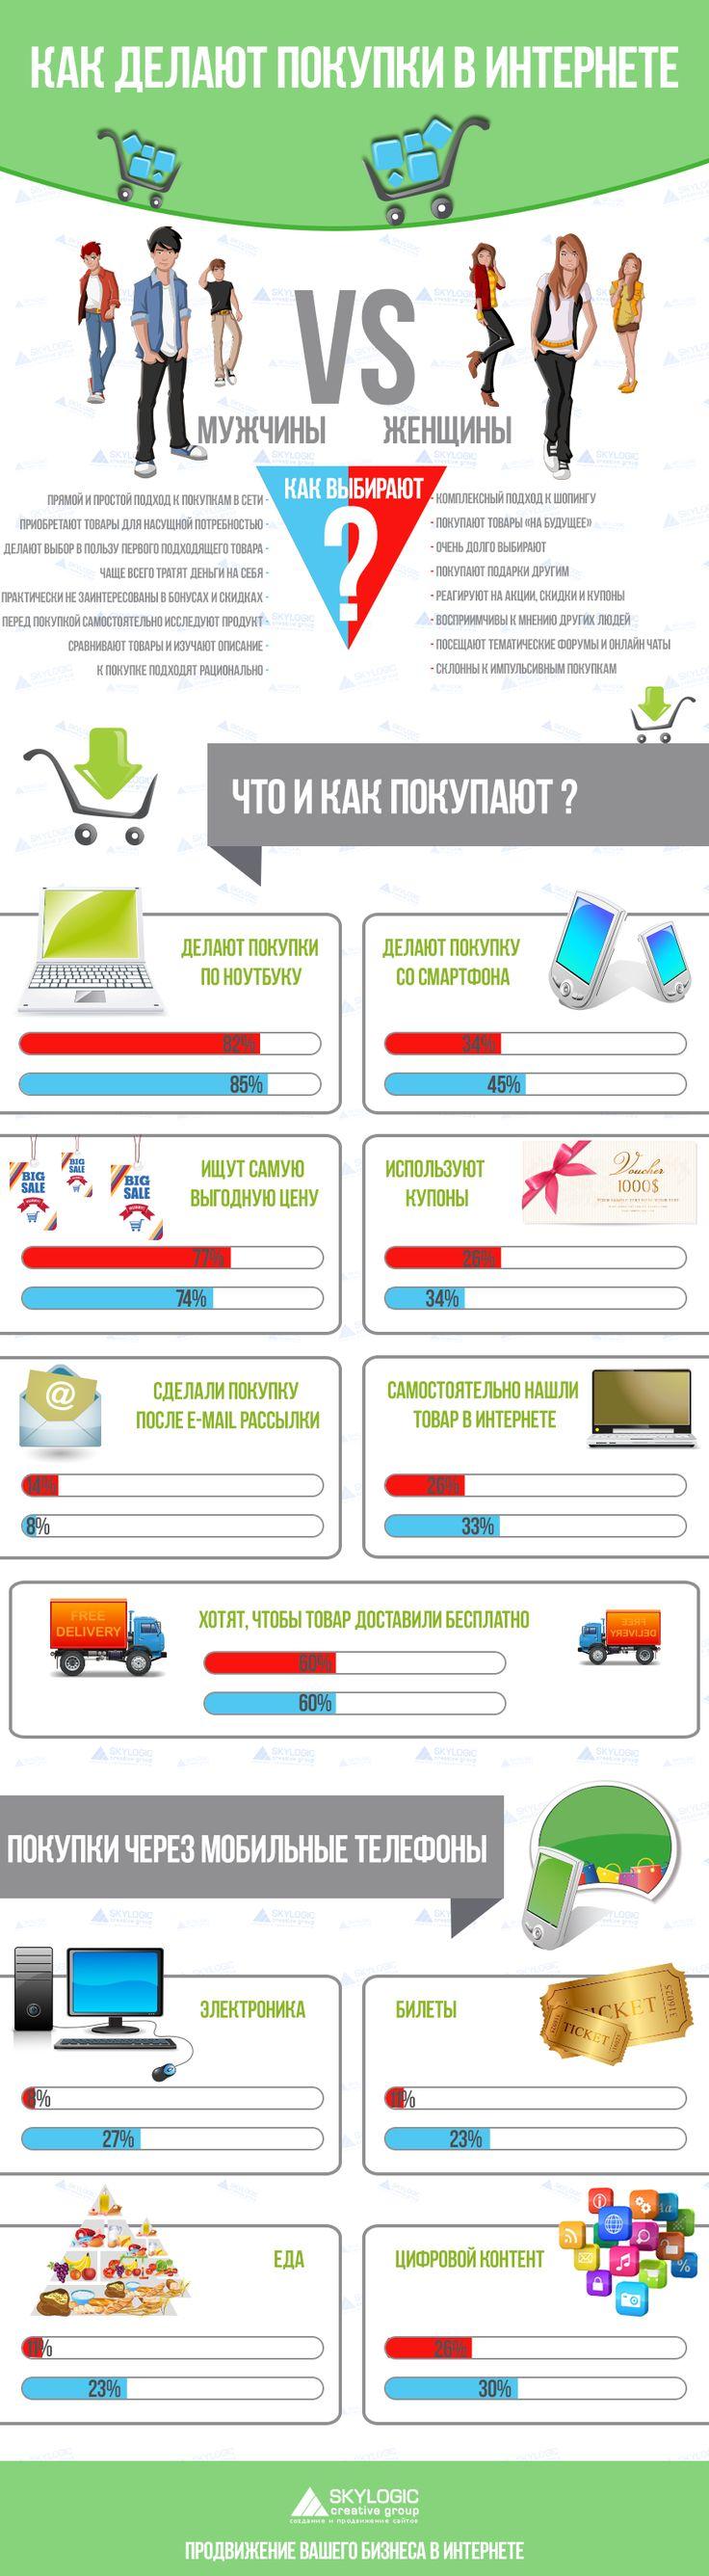 http://skylogic.com.ua/art…/how-to-shop-online-men-and-women